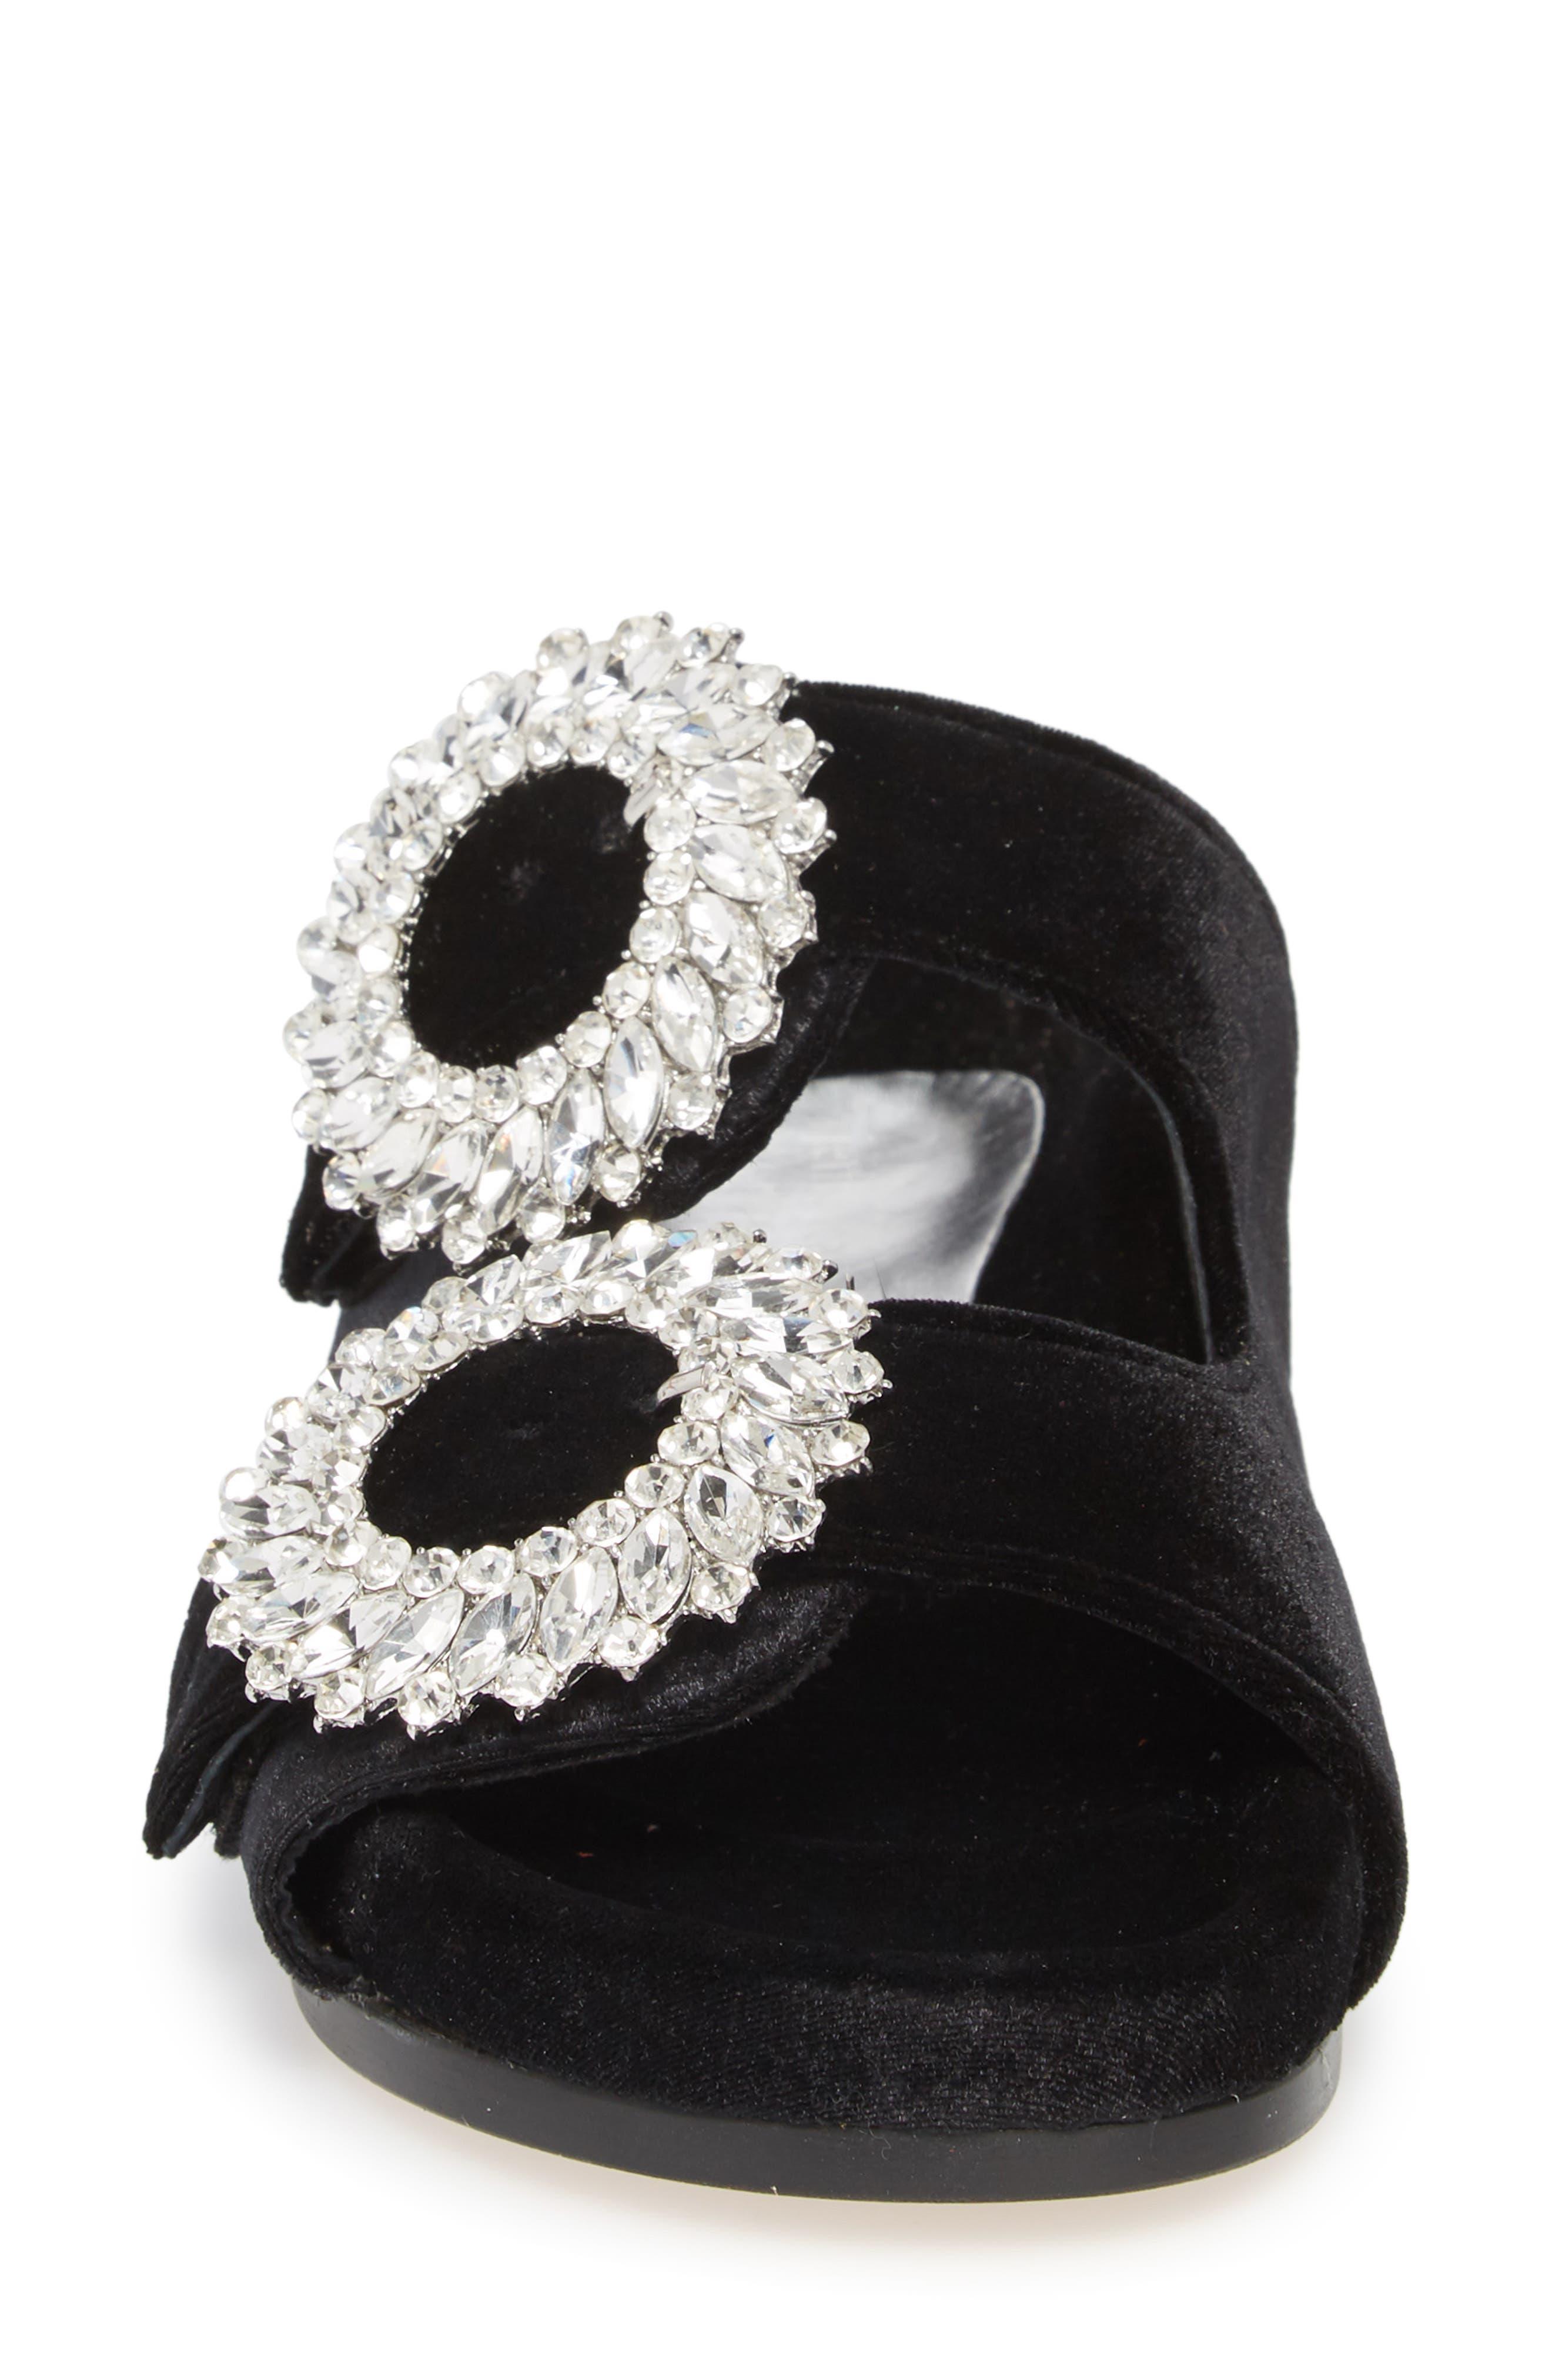 Izaro Embellished Slide Sandal,                             Alternate thumbnail 4, color,                             Black Velvet/ Silver